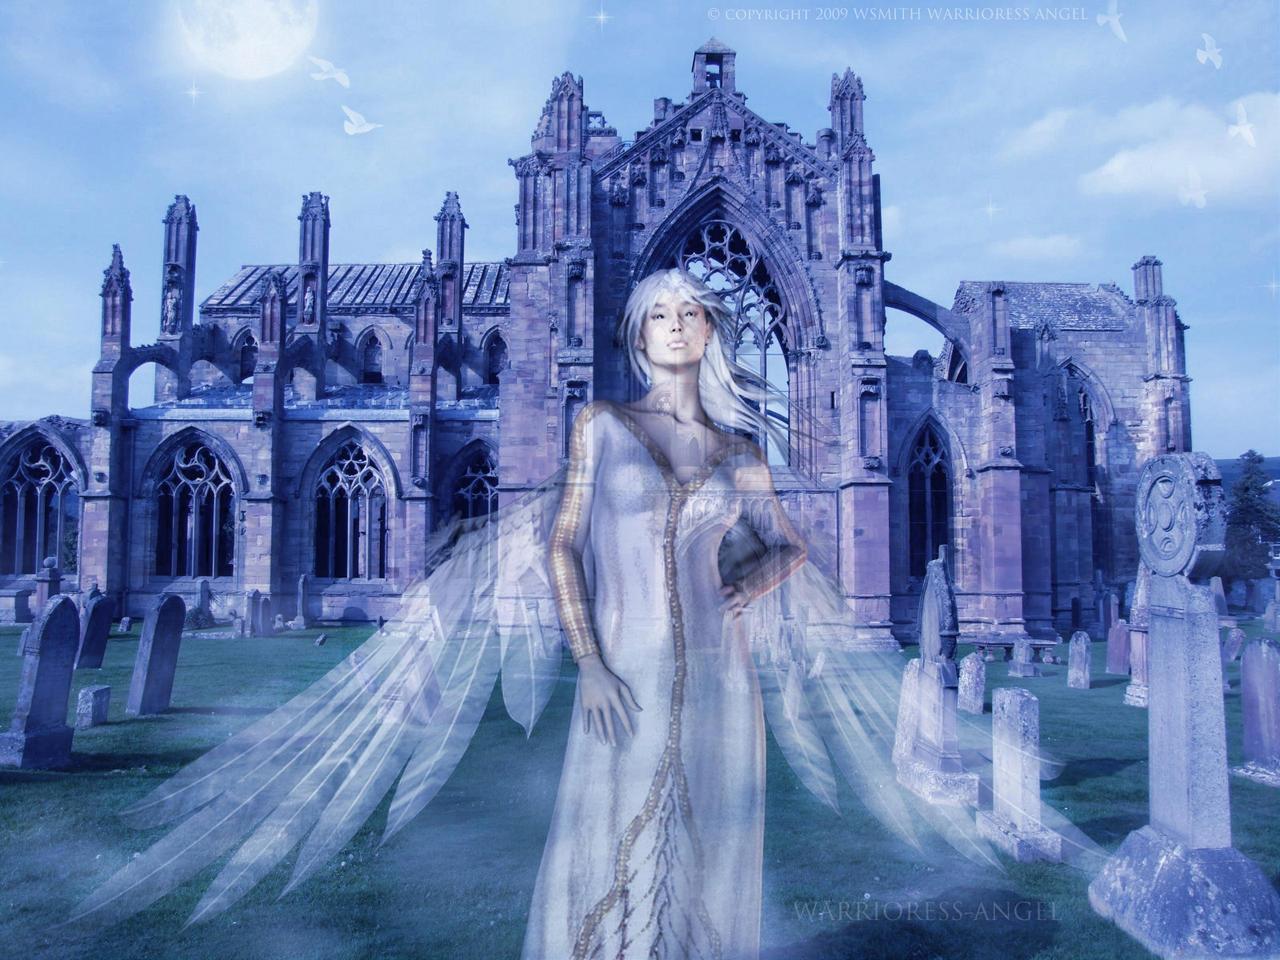 wish i had an angel: